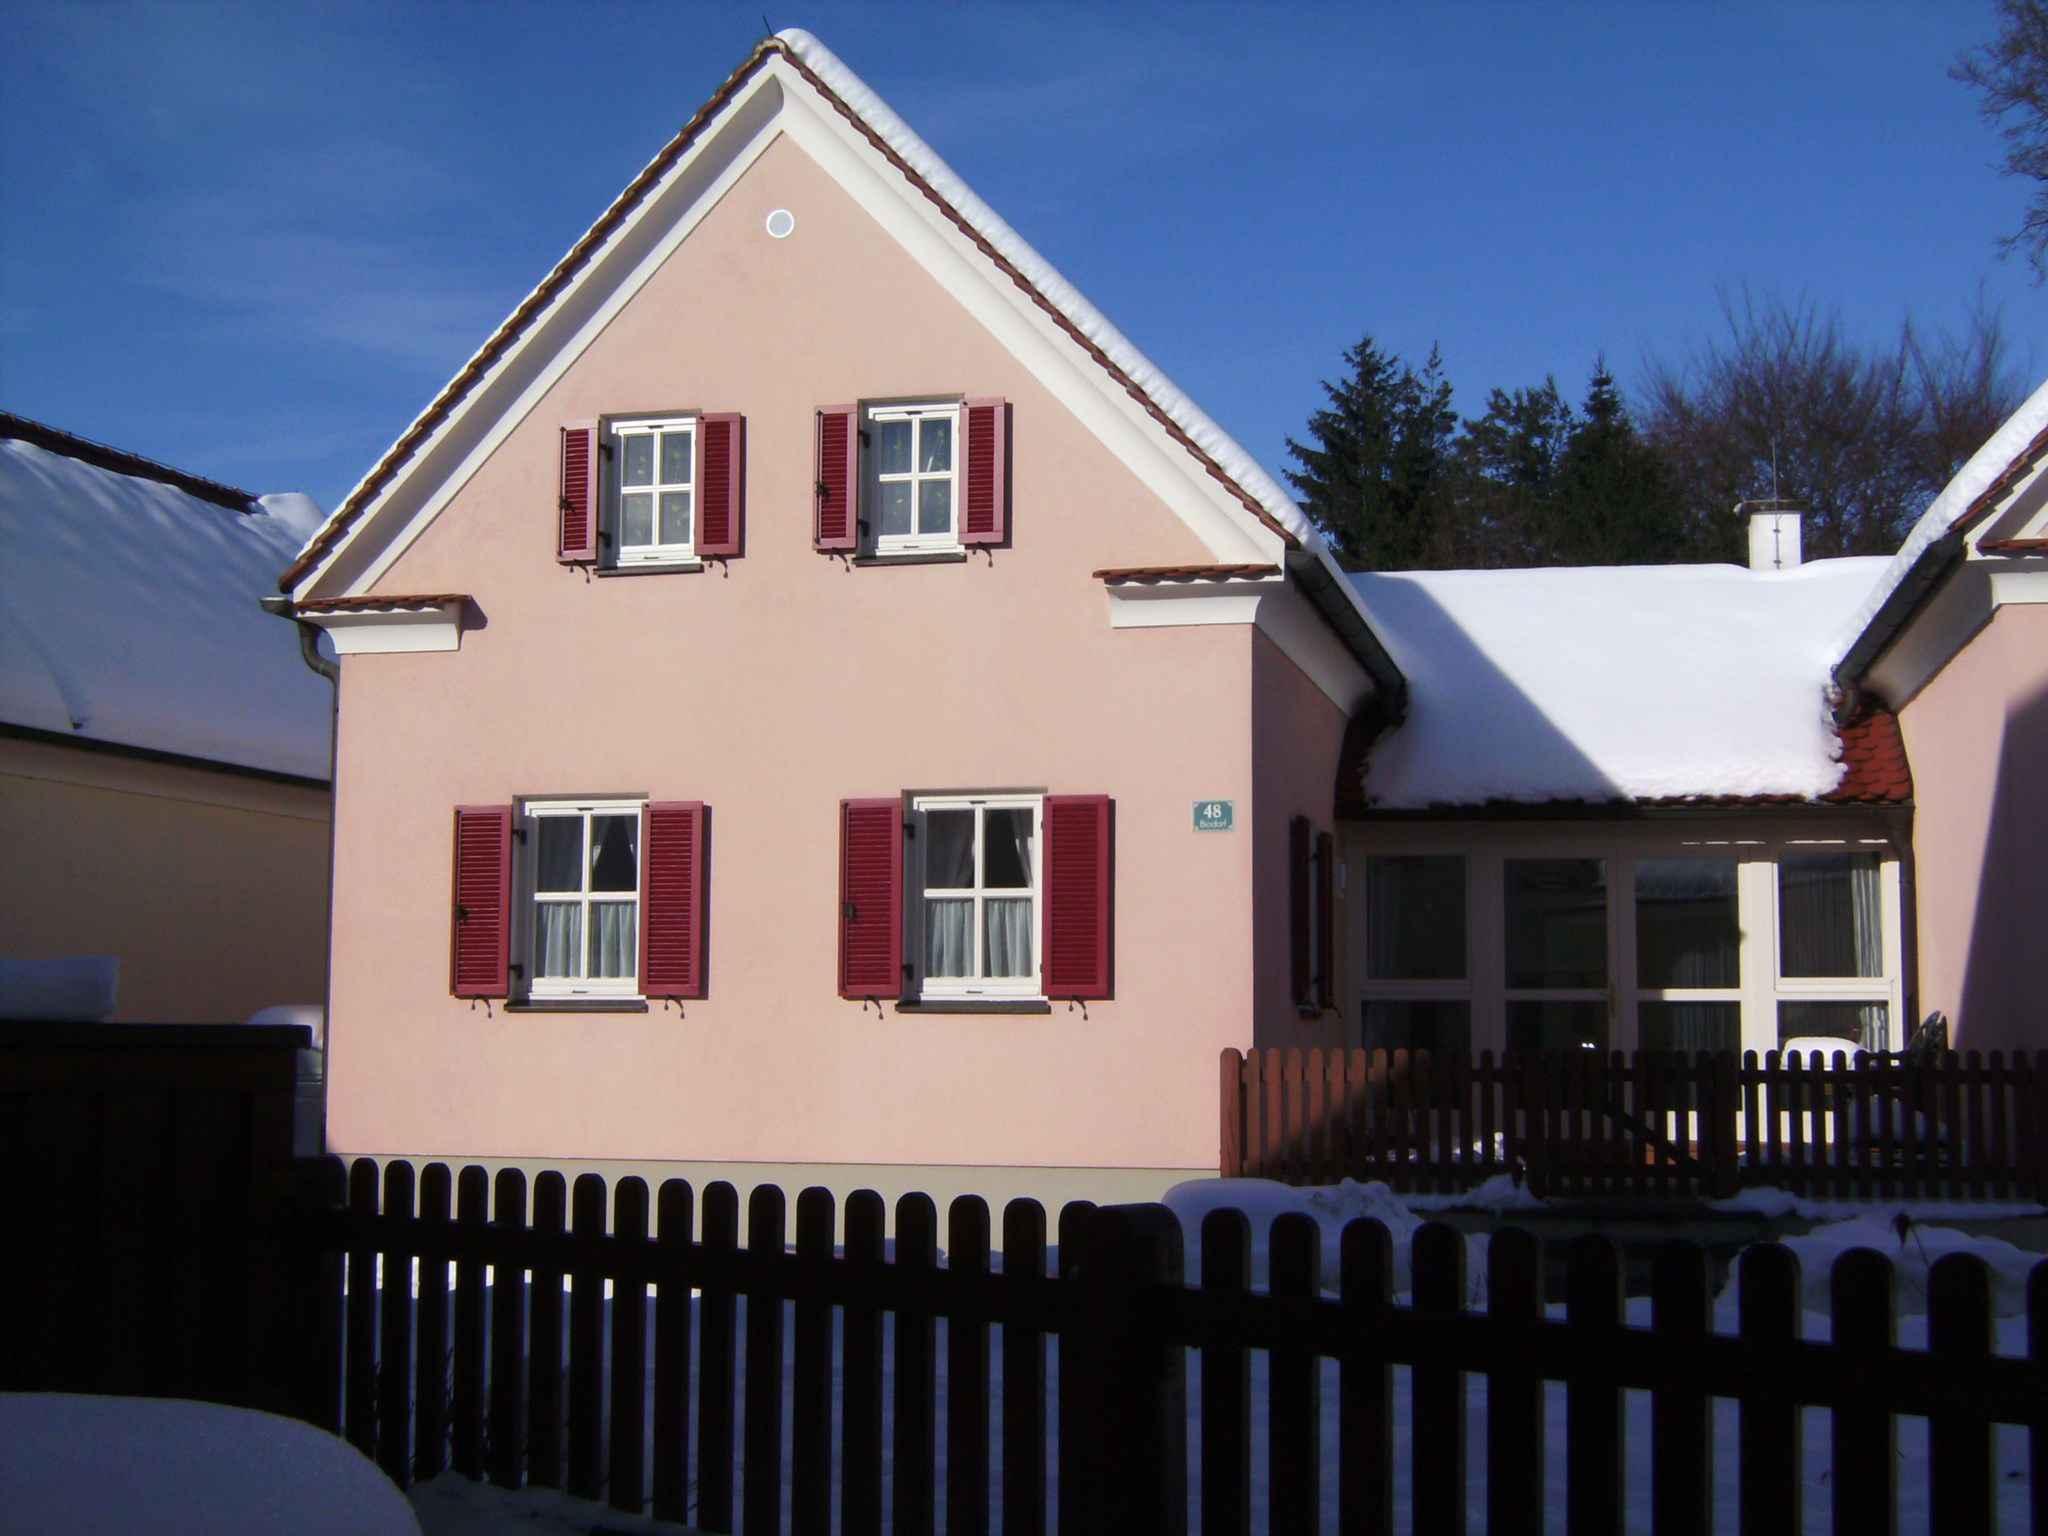 Ferienhaus im Thermal-Biodorf inkl. Wellness (430208), Bad Waltersdorf, Oststeiermark, Steiermark, Österreich, Bild 37